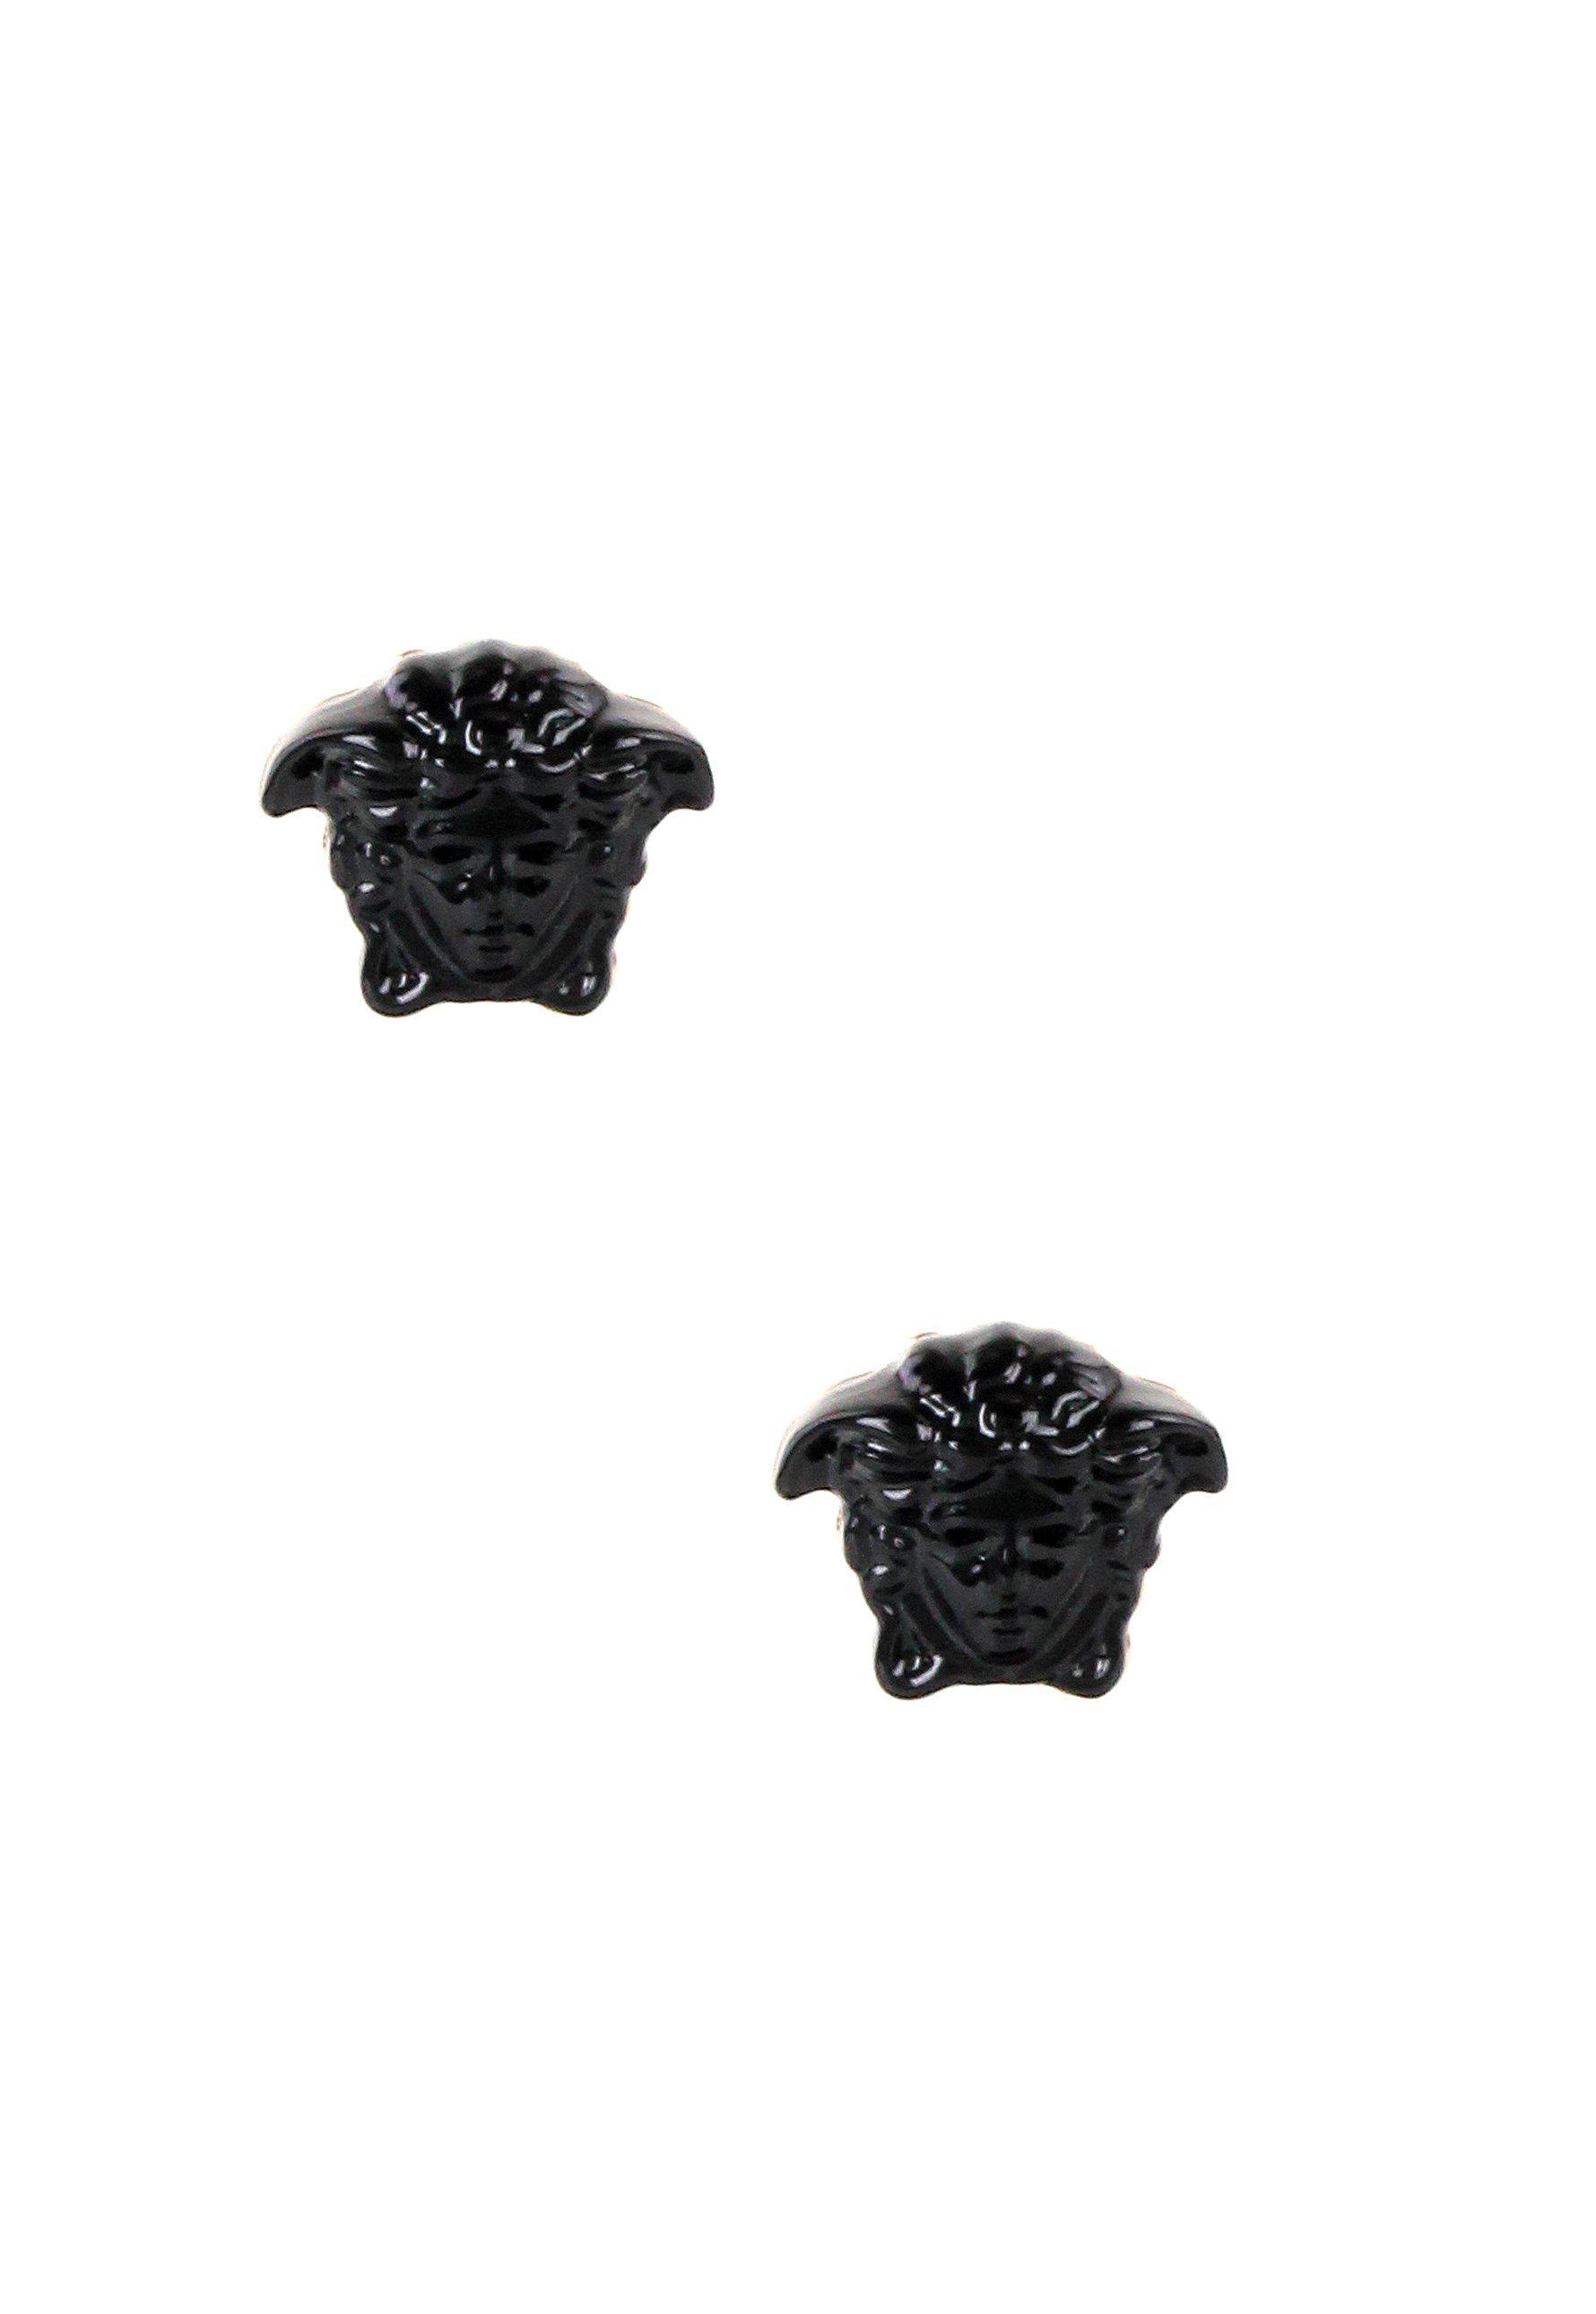 615fbe87e Versace Medusa Head Resin Stud Earrings Black/light Gold in Metallic ...